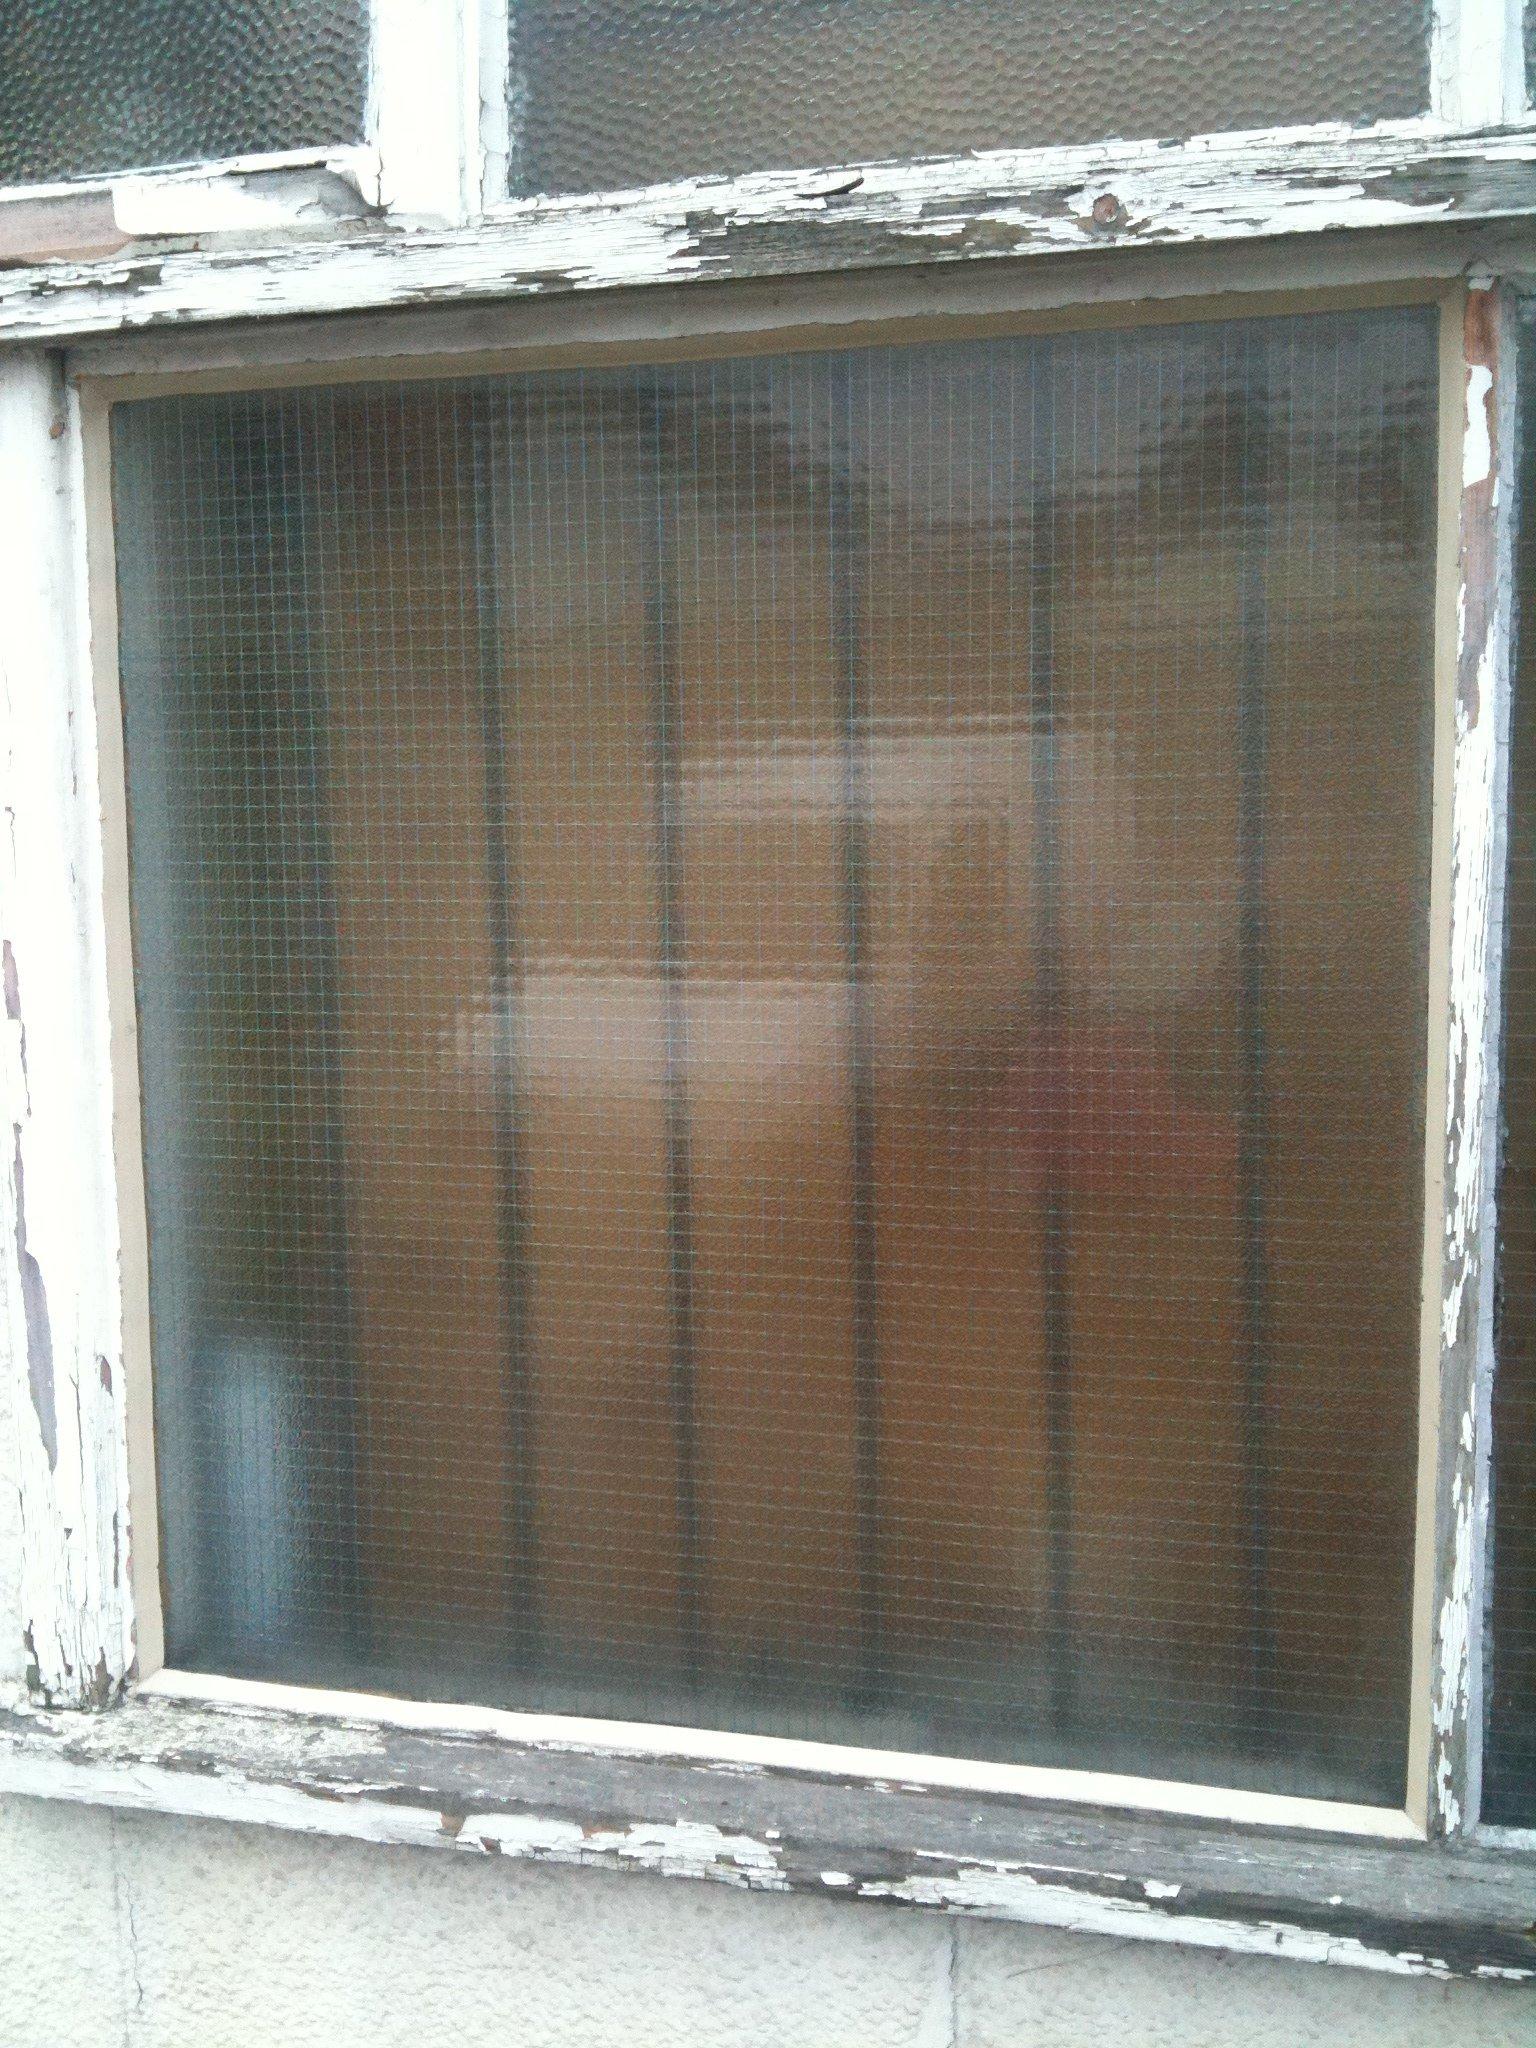 A window pane